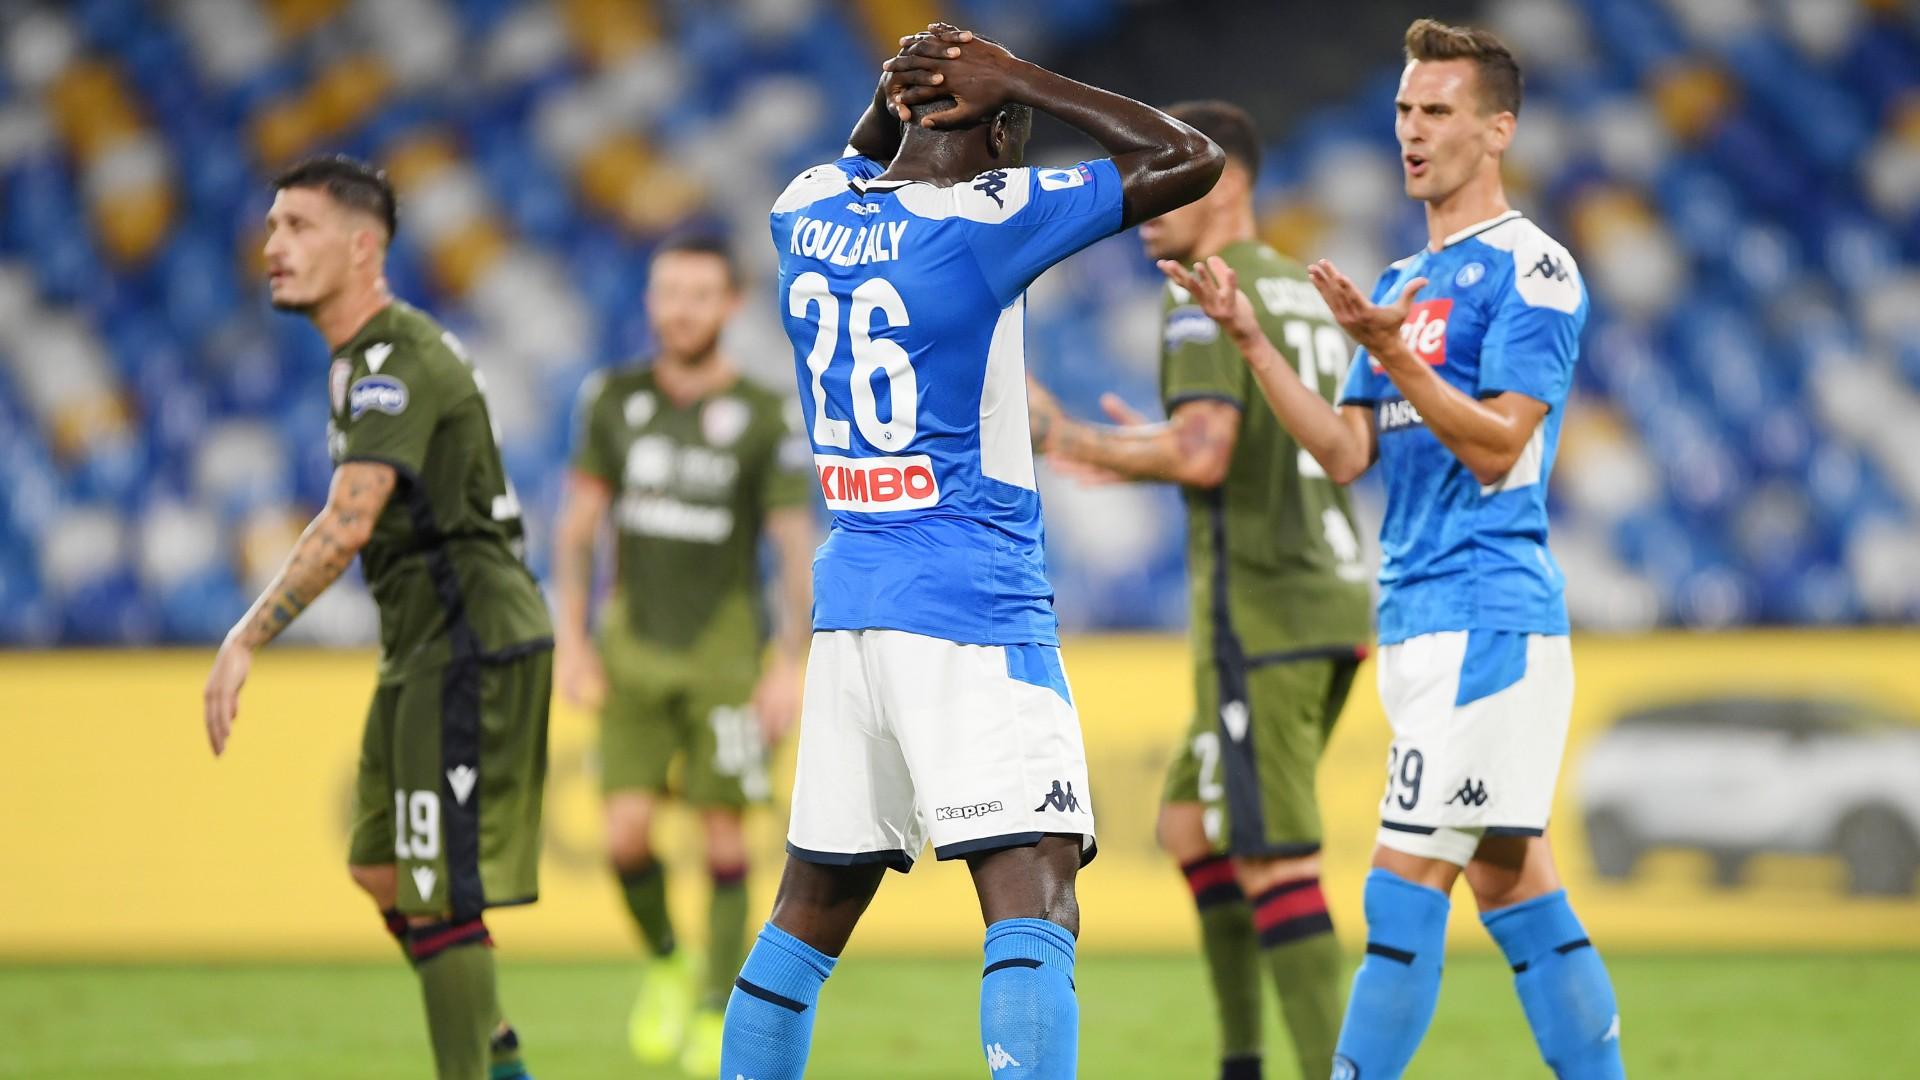 Napoli, anche il club multa Koulibaly dopo il rosso con il Cagliari